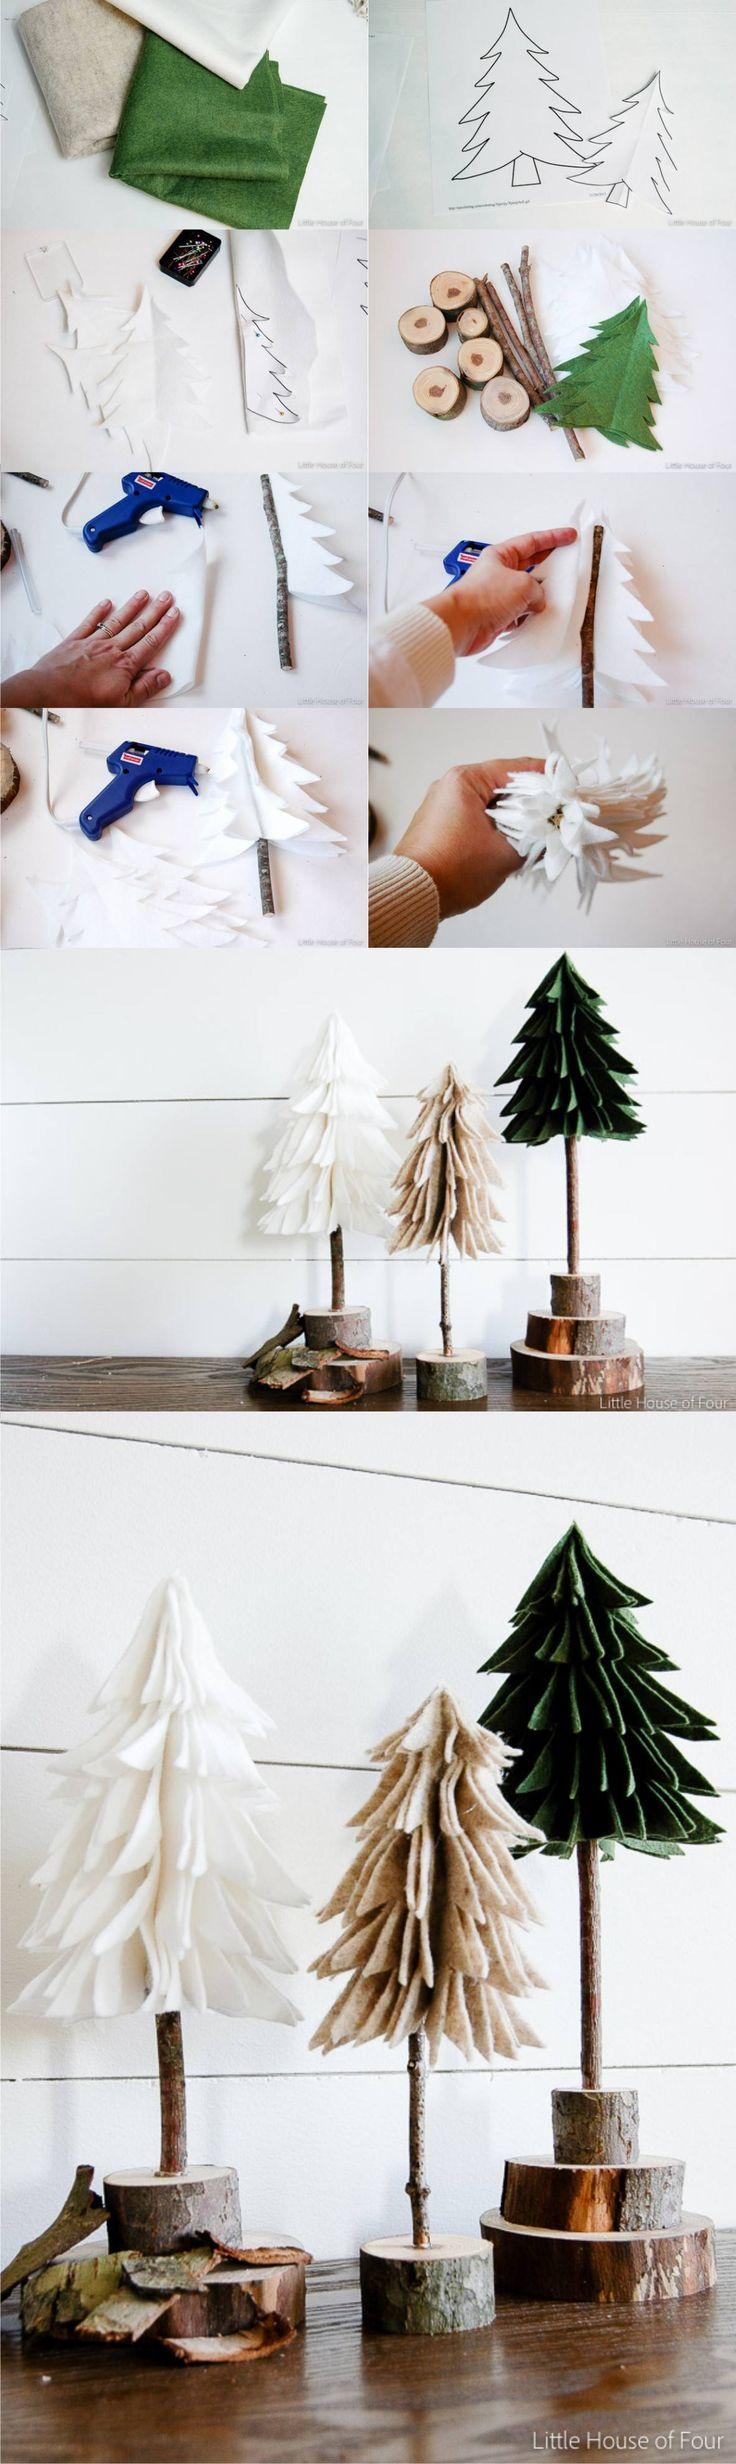 Decoración de navidad con fieltro - littlehouseoffour.com